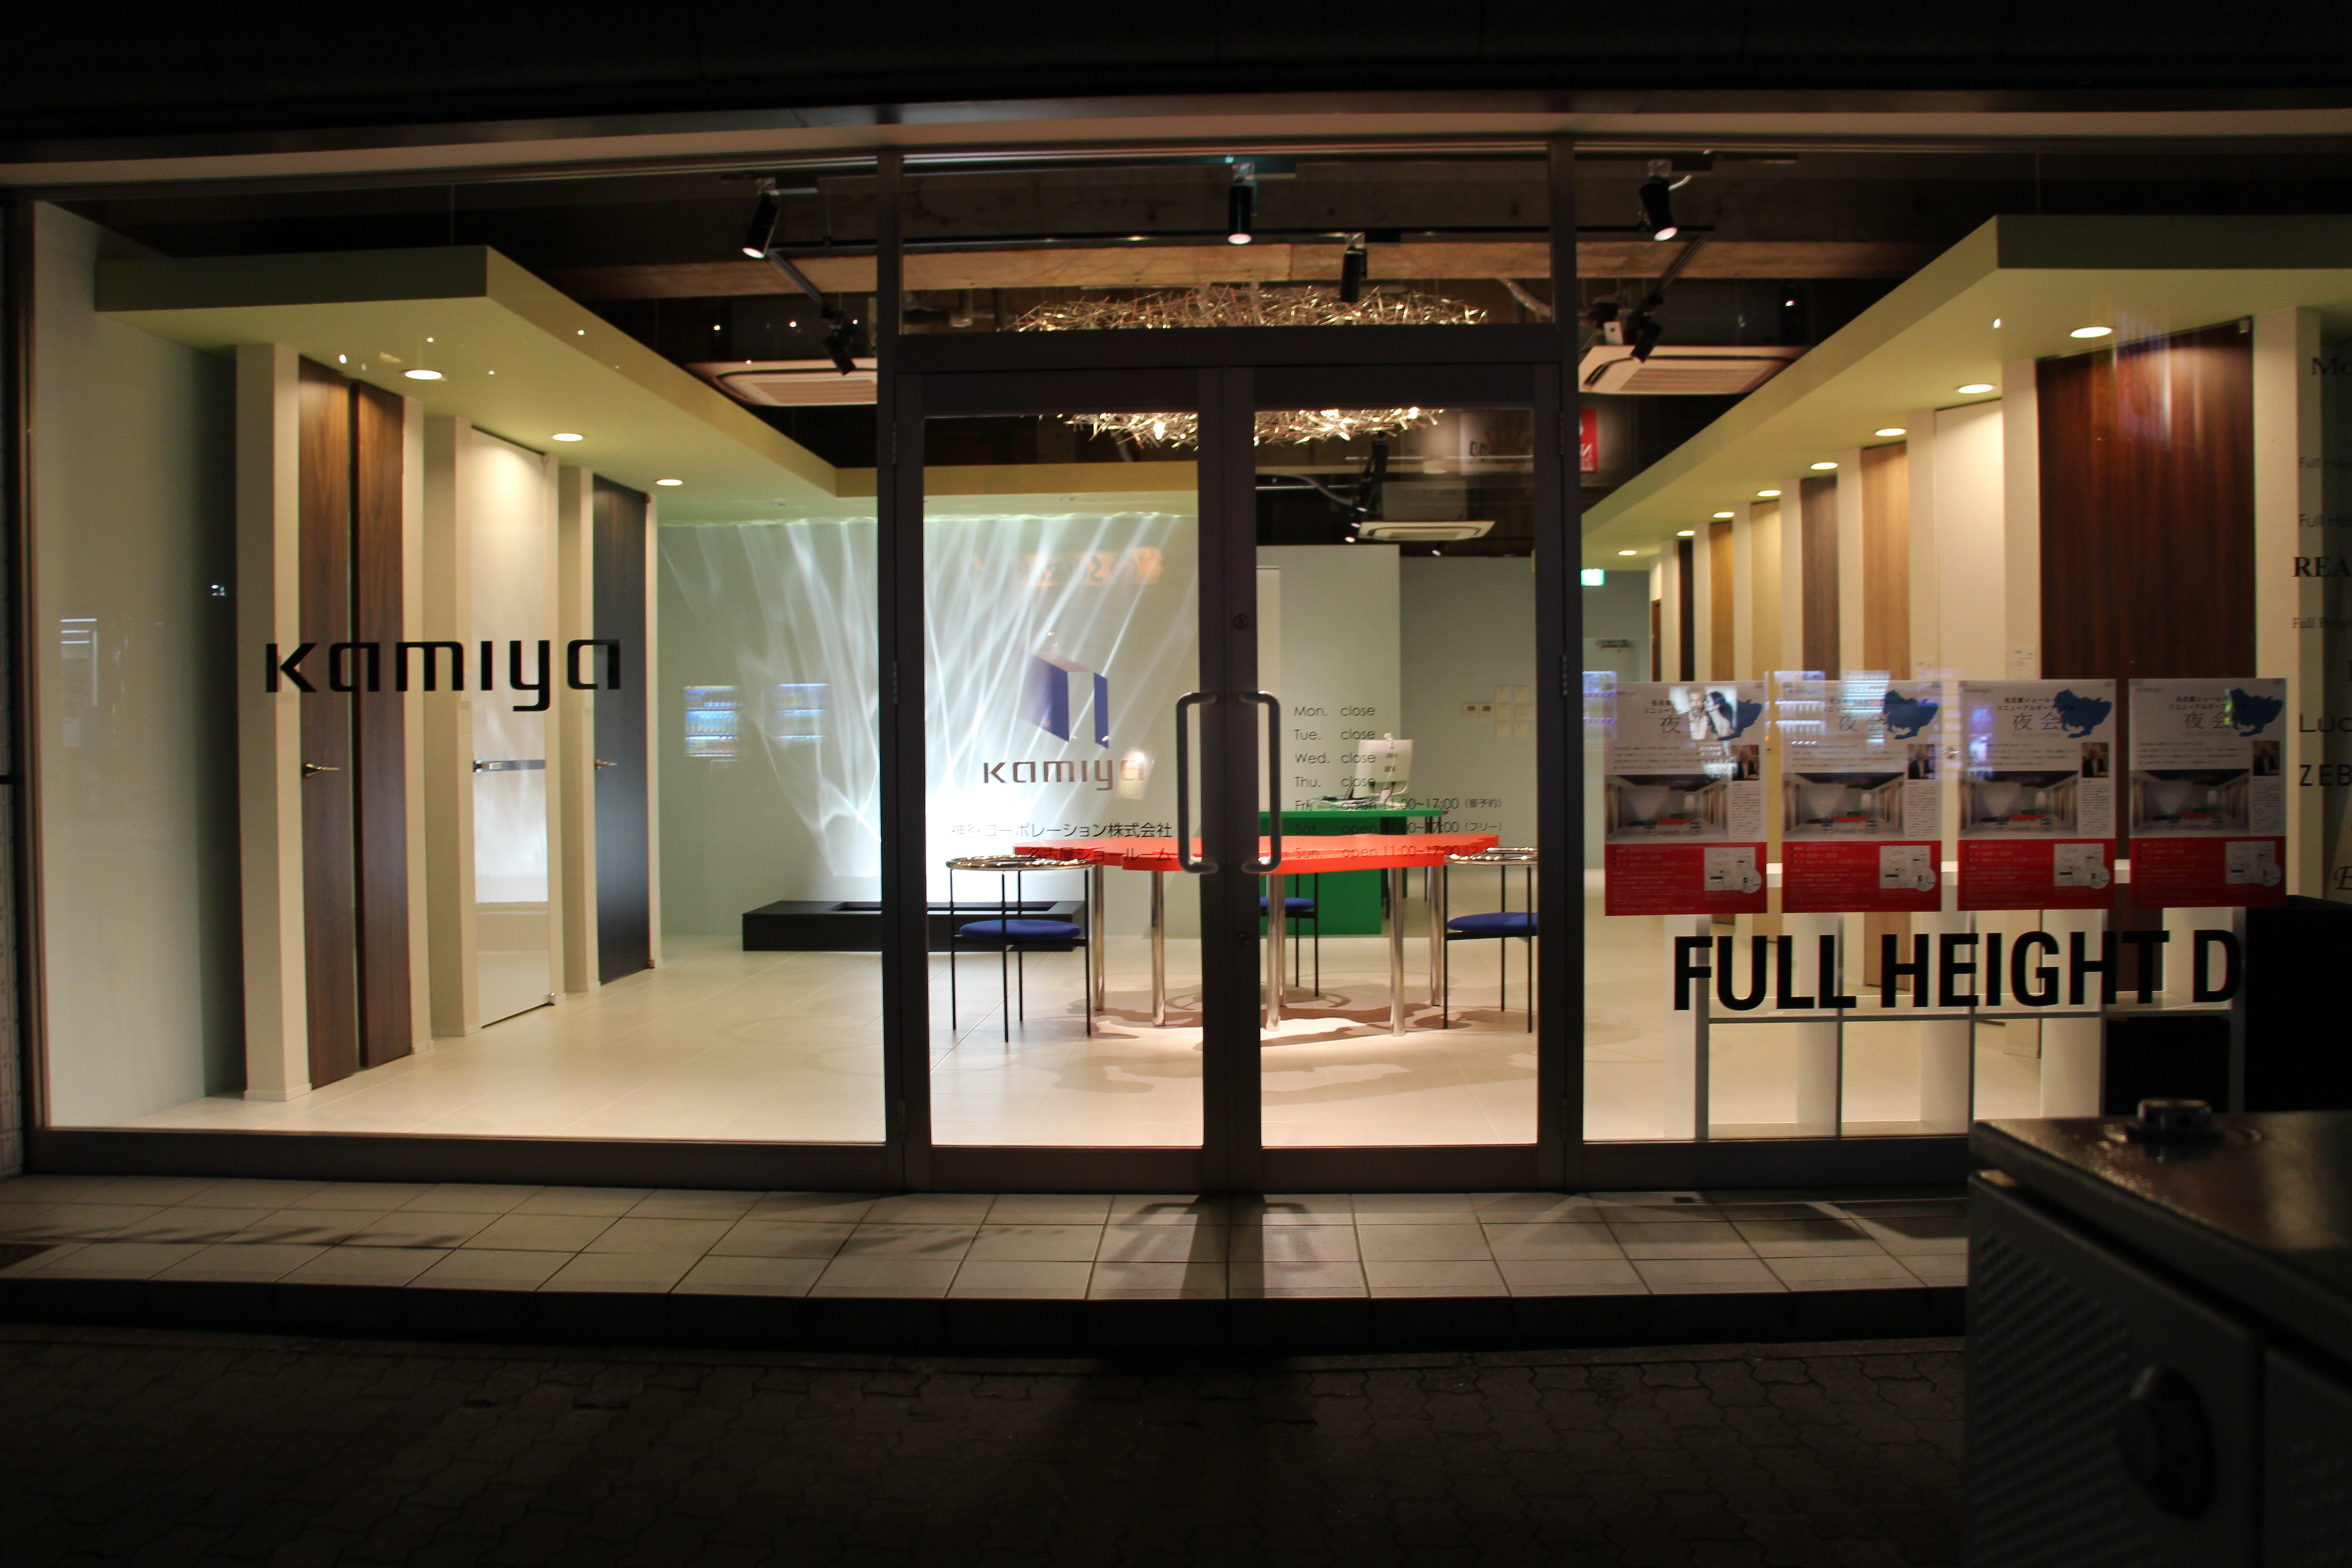 内田繁のアートワークが溢れるドアのショールーム